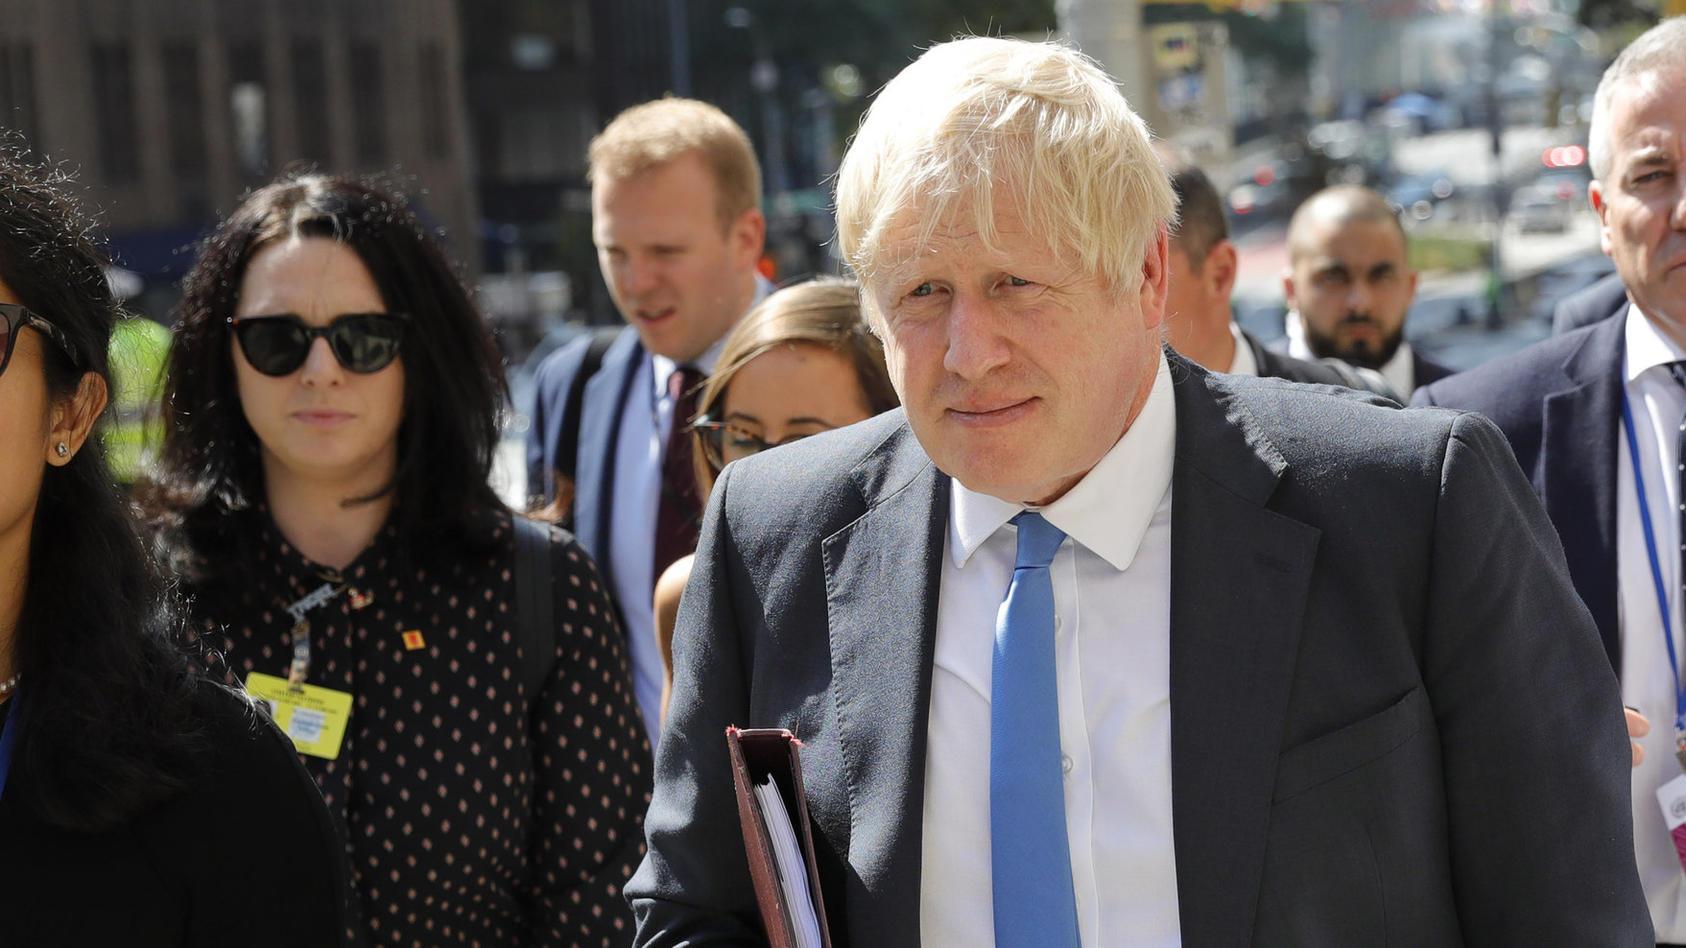 Boris Johnson schickte das Parlament in eine Zwangspause. Das war rechtswidrig entschied der Supreme Court.